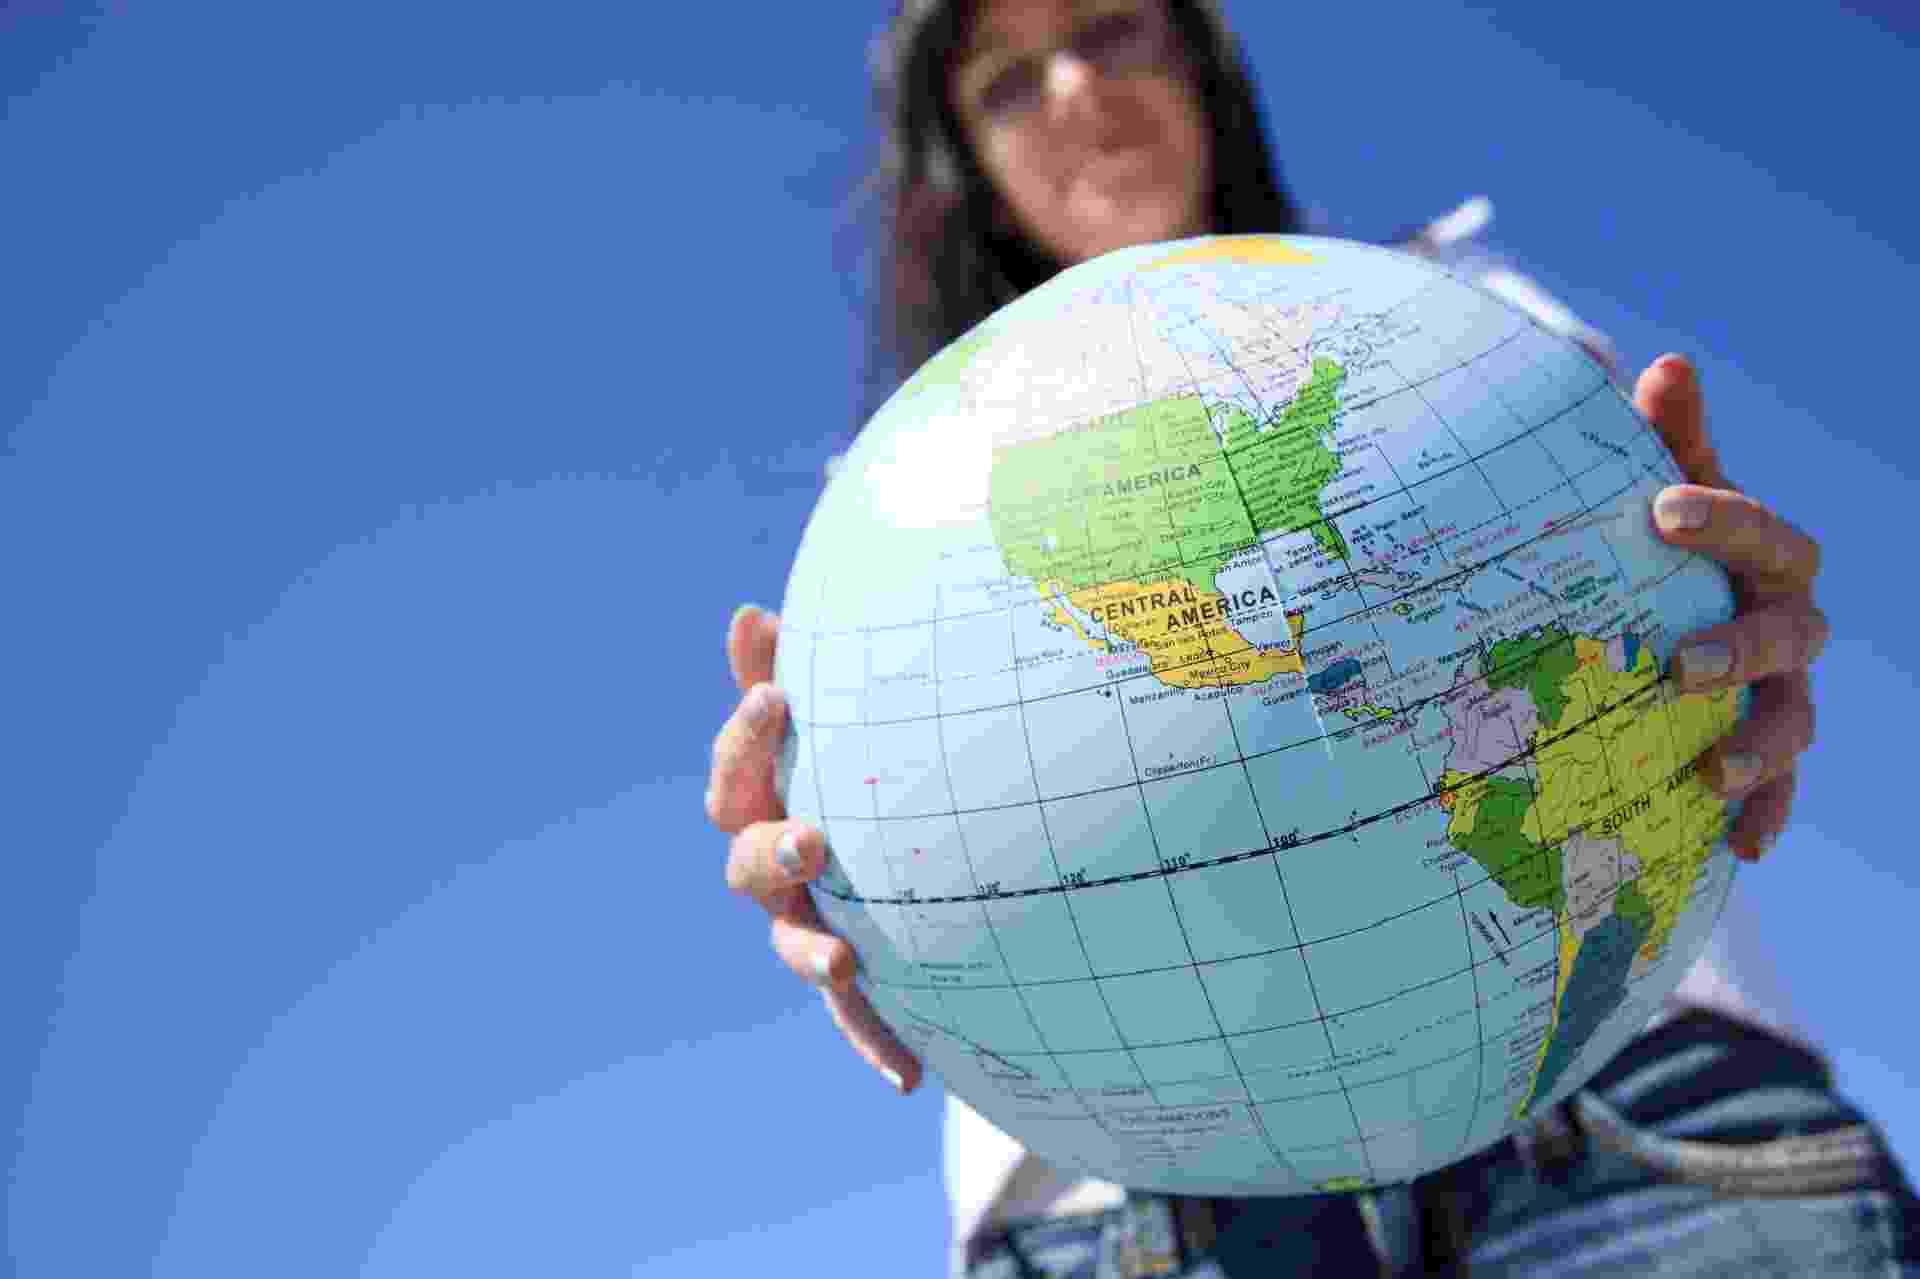 Globo terrestre, volta ao mundo, viagem, turismo - Thinkstock